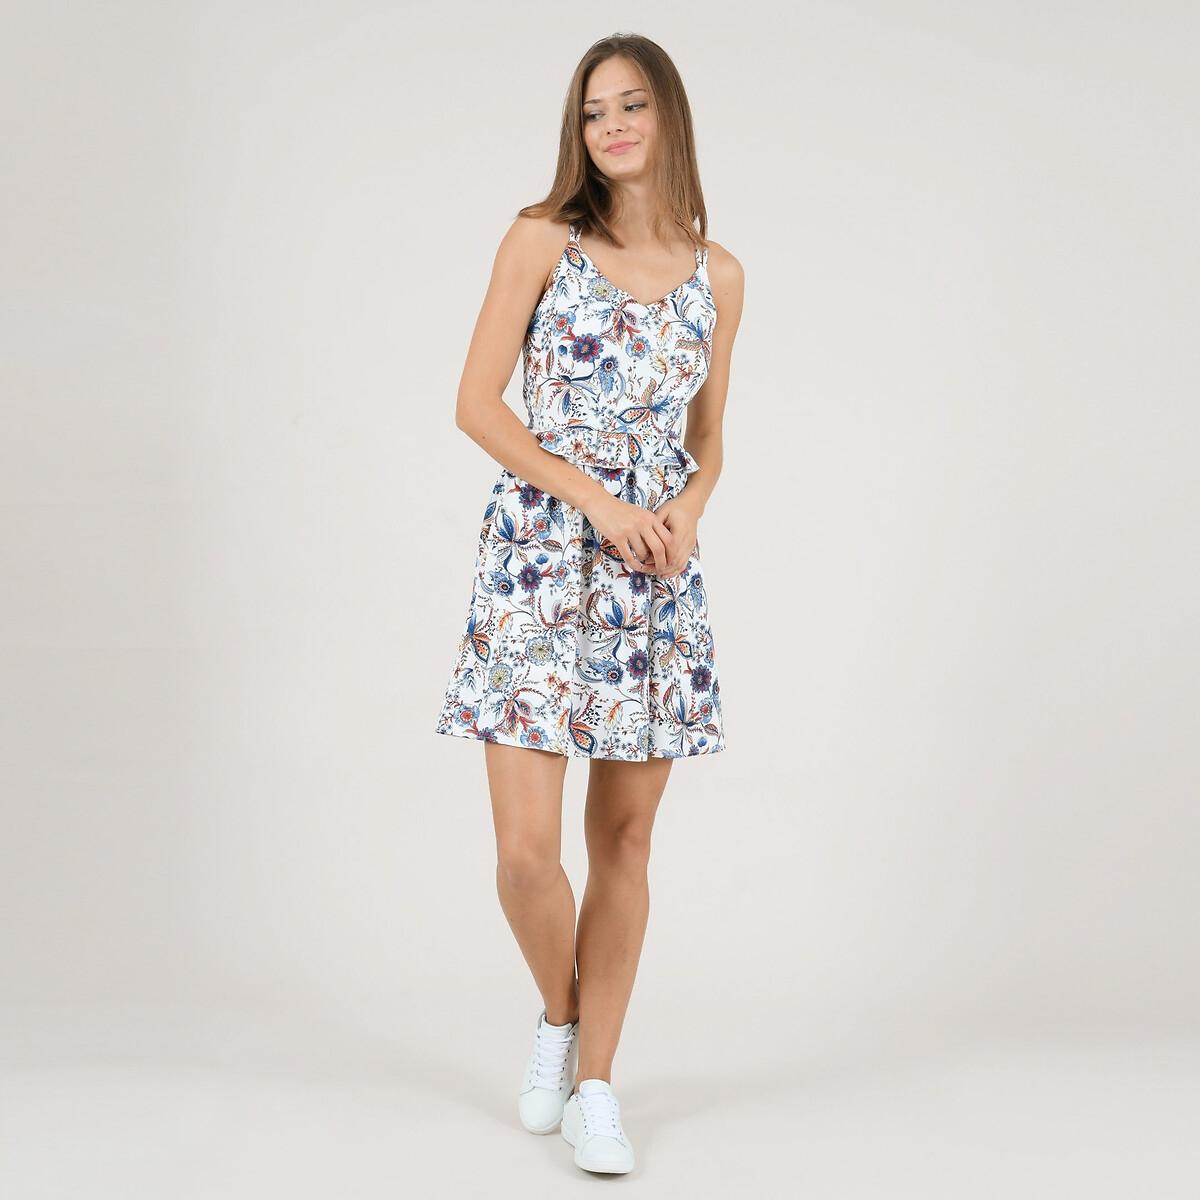 Платье La Redoute Короткое расклешенное с цветочным рисунком и глубоким вырезом сзади L белый